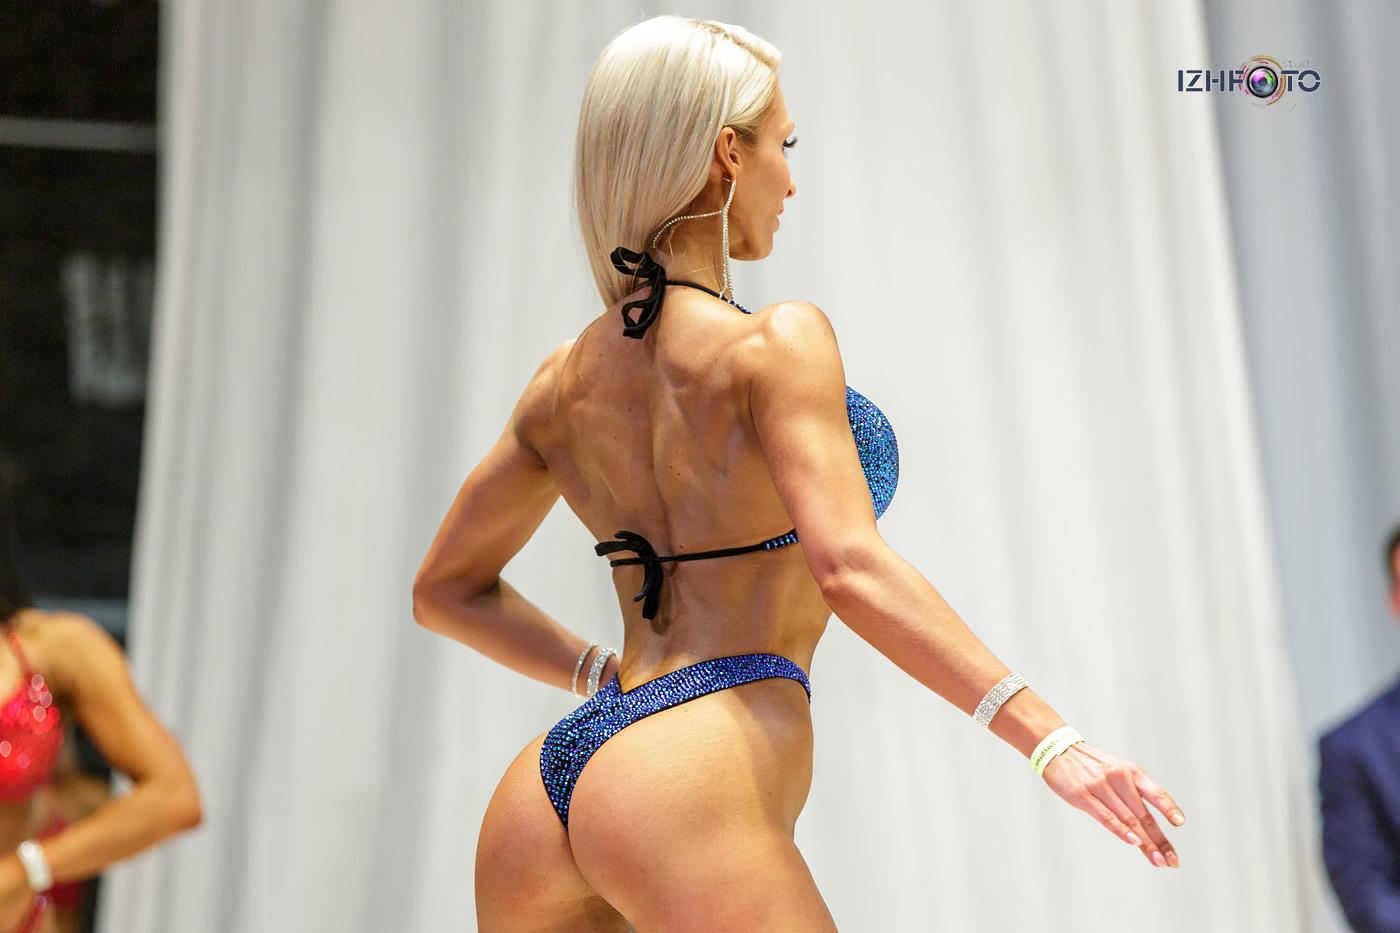 Fitness Bikini Photo